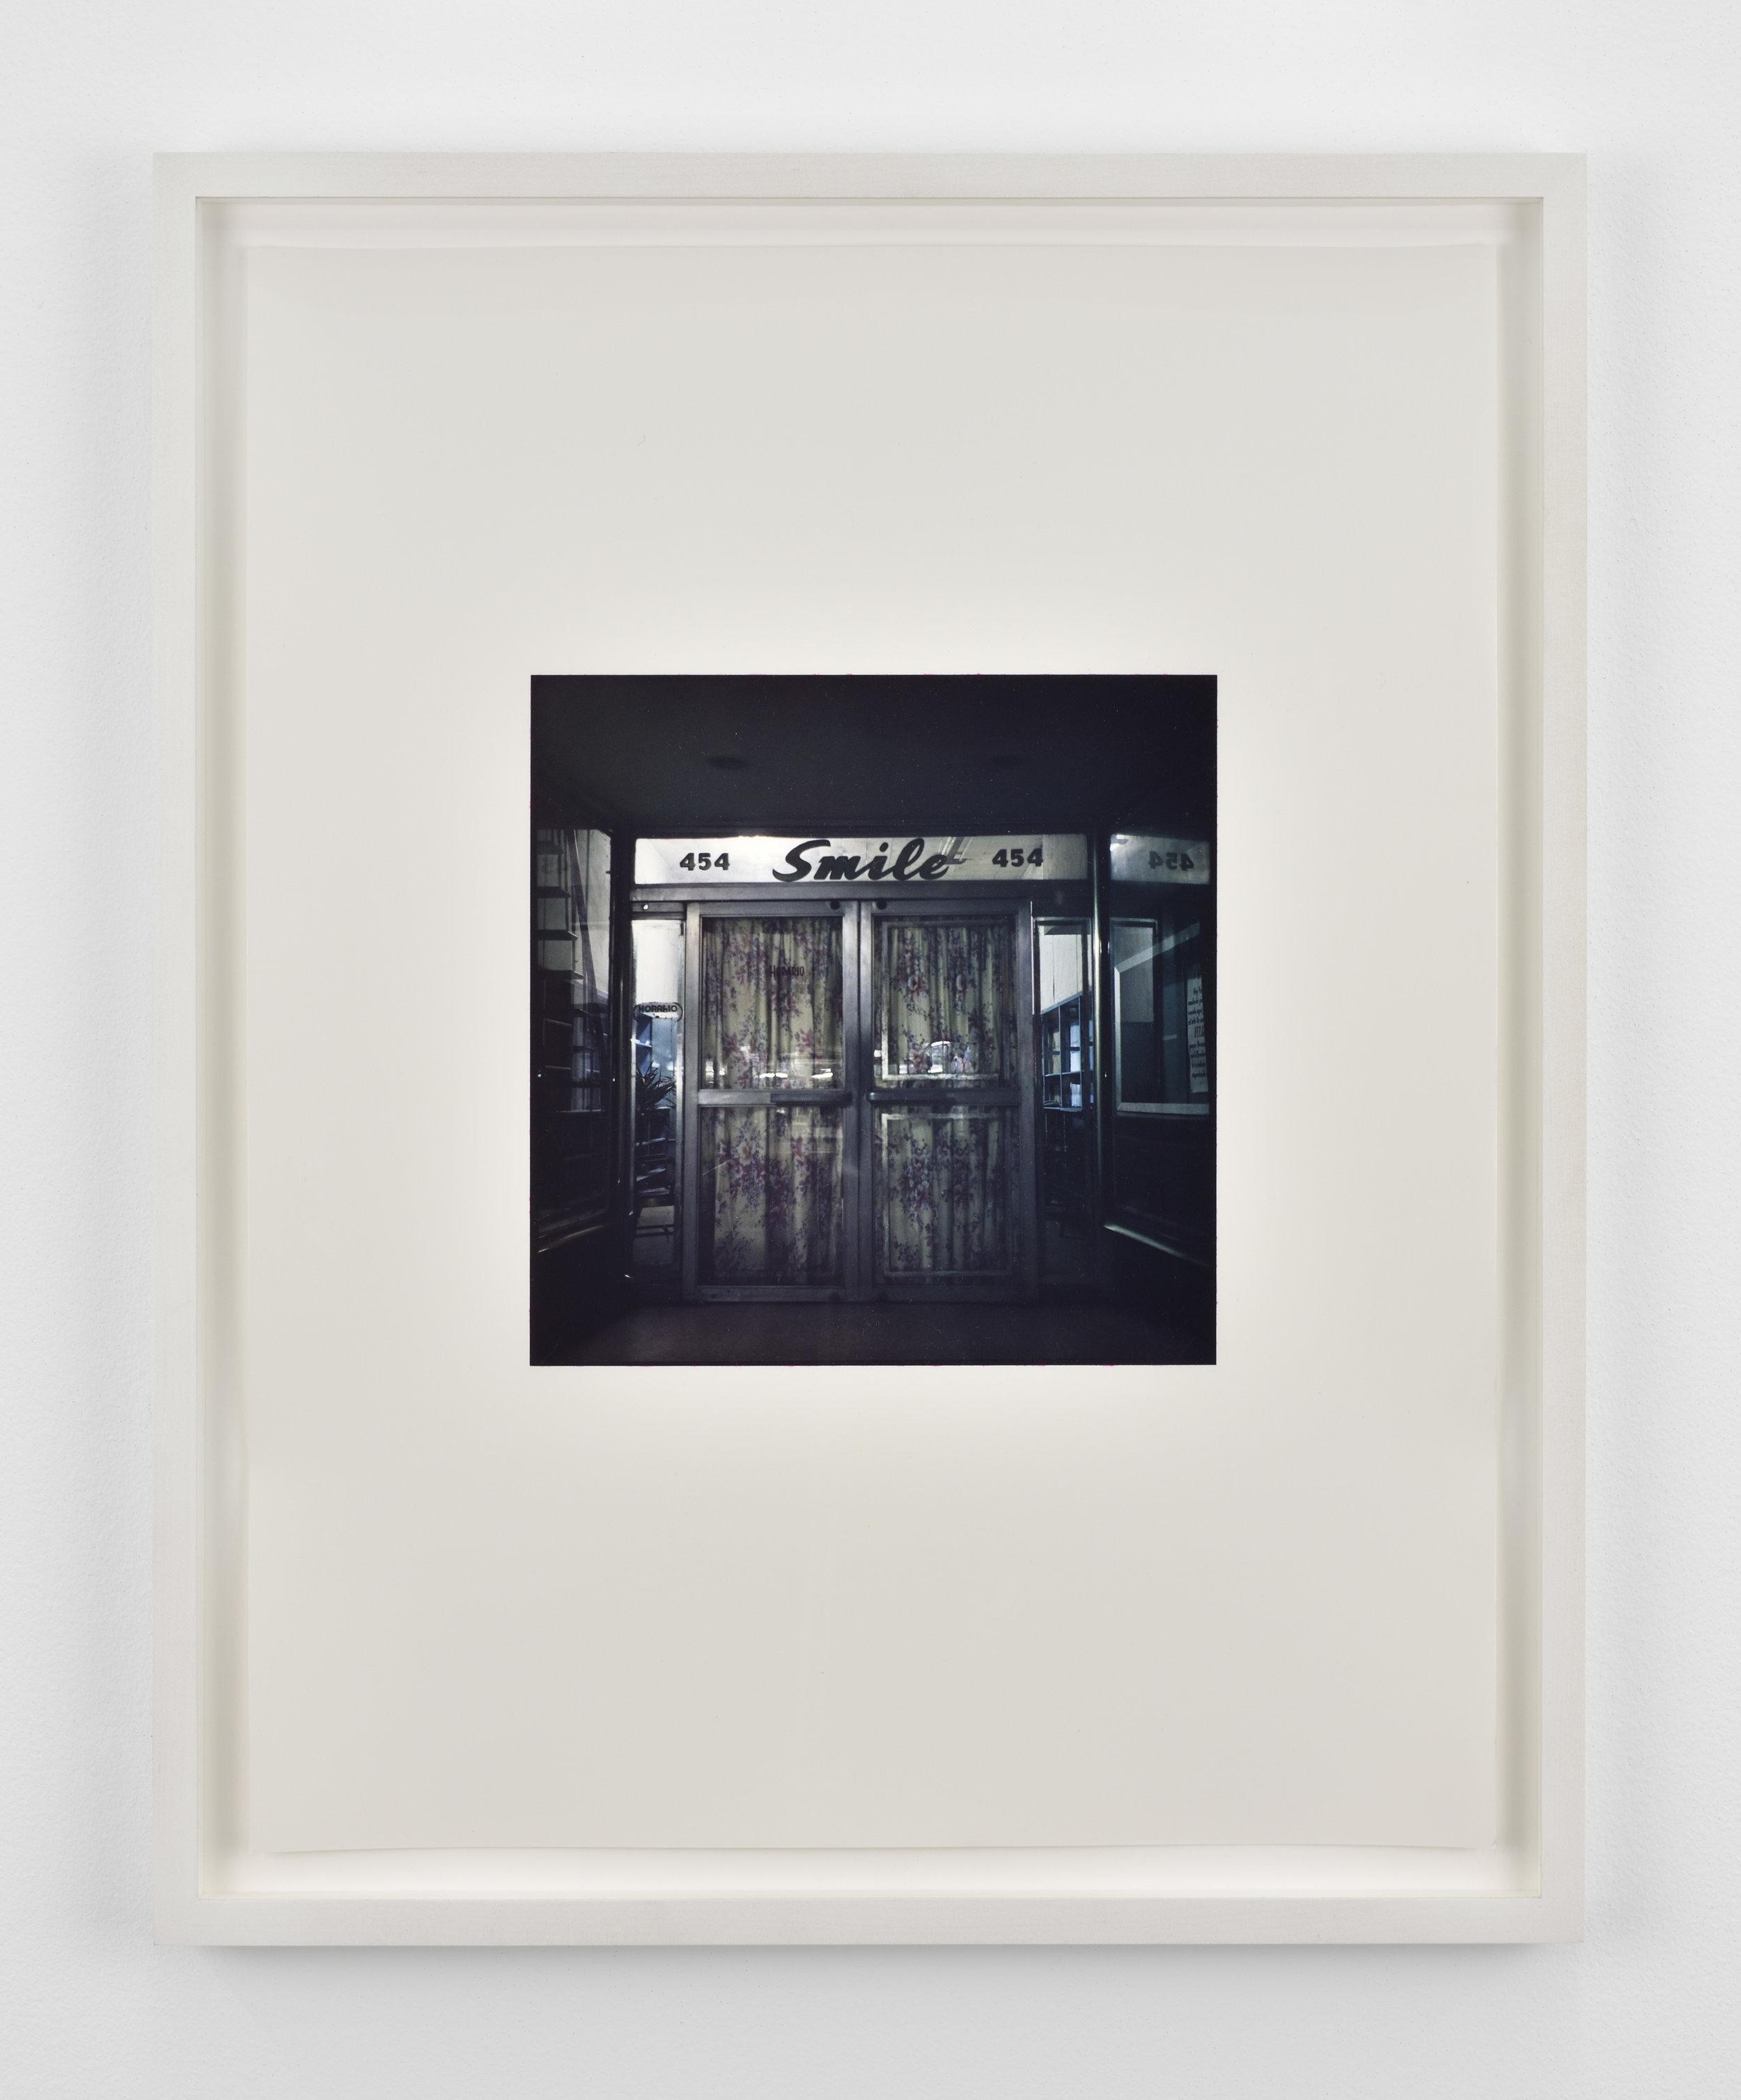 Zoe Leonard Smile, 2001 dye transfer print 22 1/16 x 18 in (56 x 45,7 cm) Edition of 6